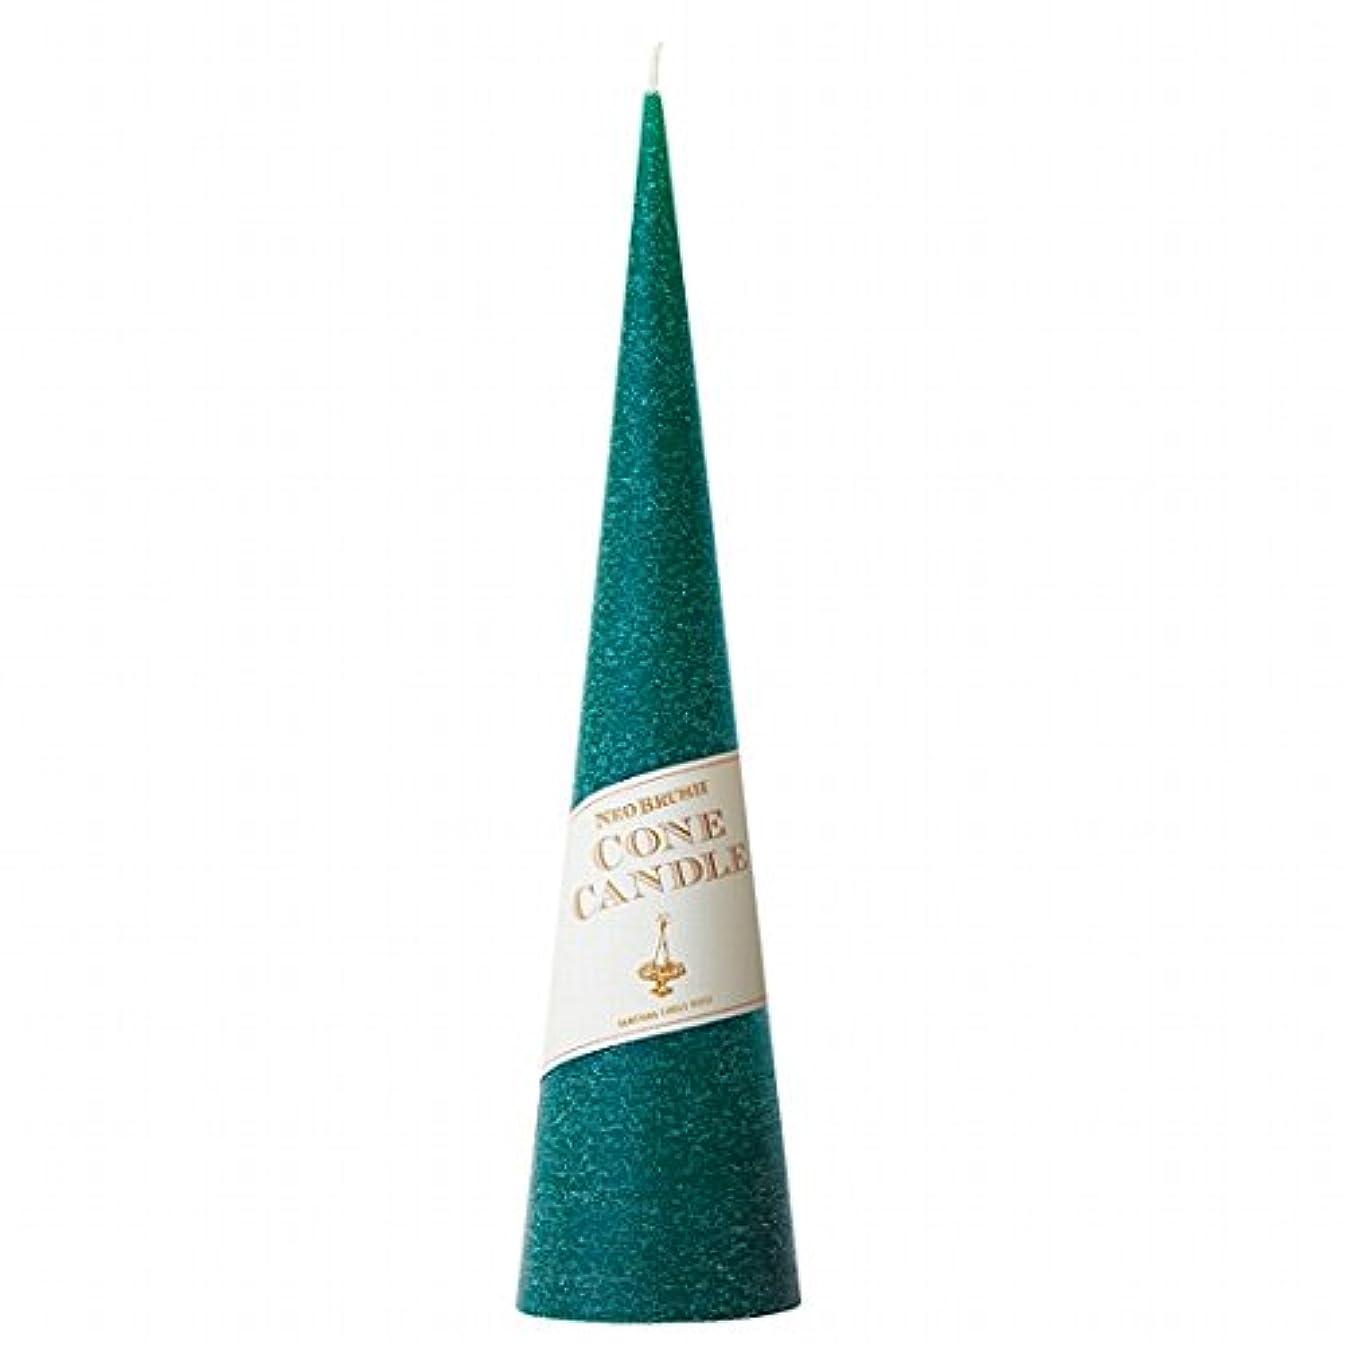 変更月曜促すカメヤマキャンドル(kameyama candle) ネオブラッシュコーン 295 キャンドル 「 グリーン 」